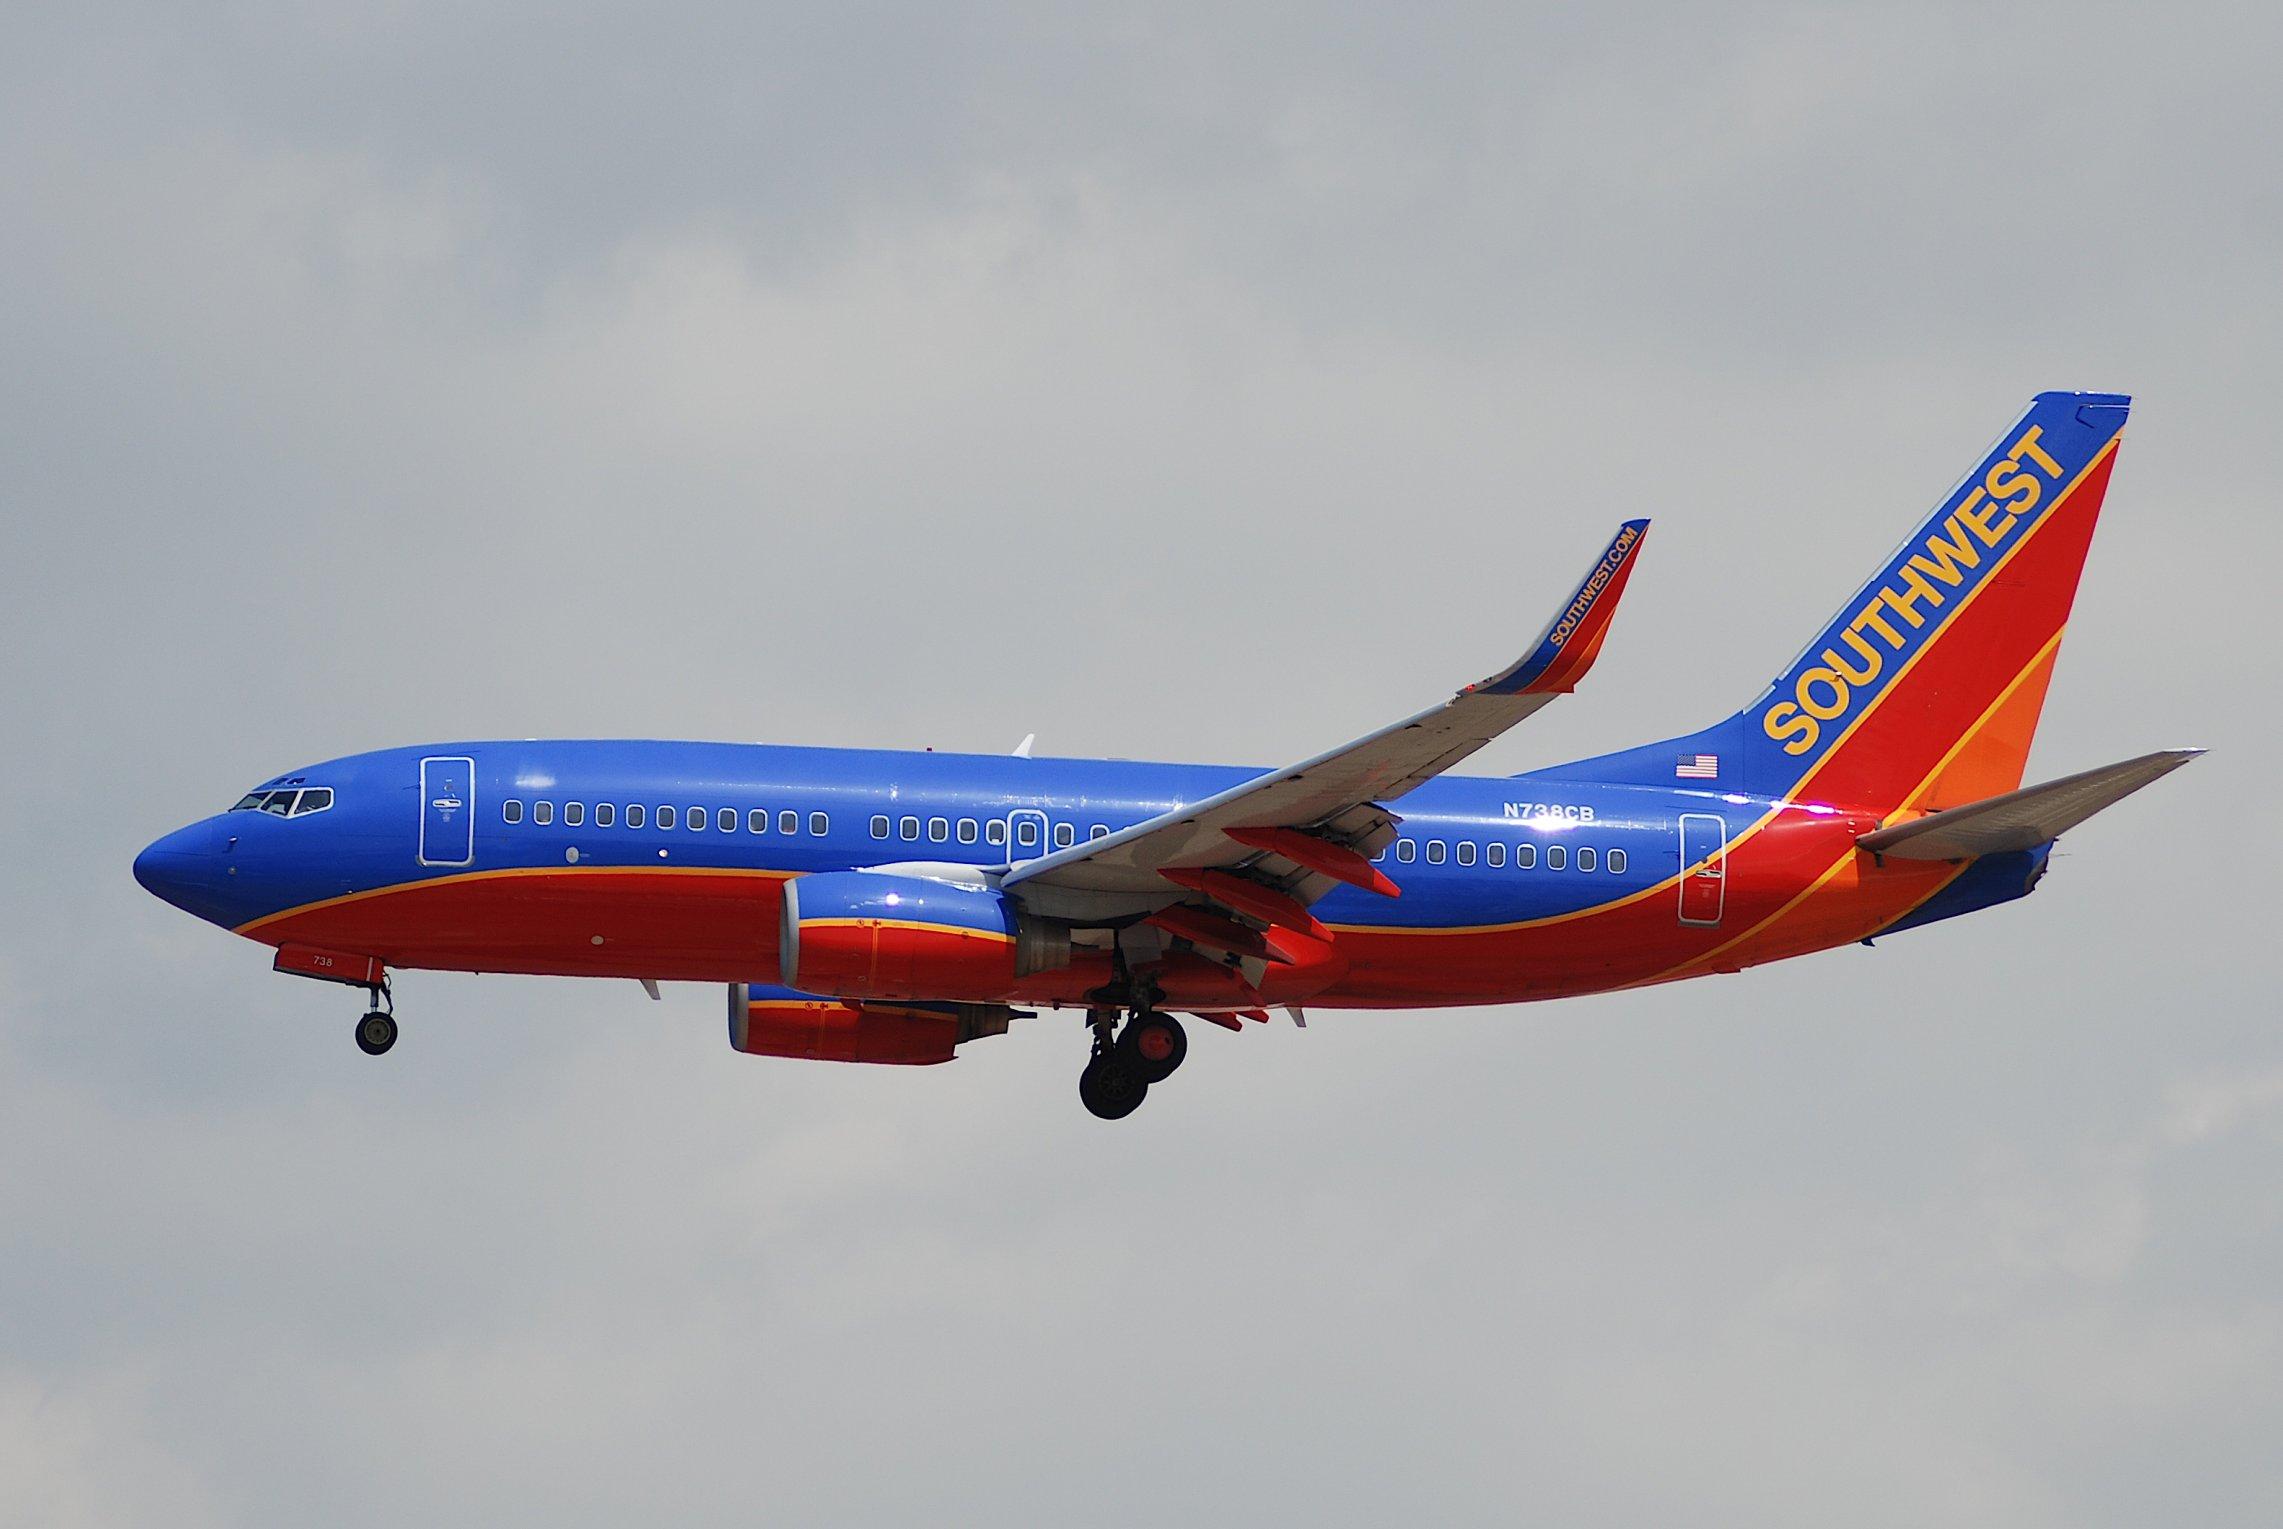 Https En M Wikipedia Org Wiki File Southwest Airlines Boeing 737 700 N738cb Lax 21 04 2007 466kc 4289282802 Jpg